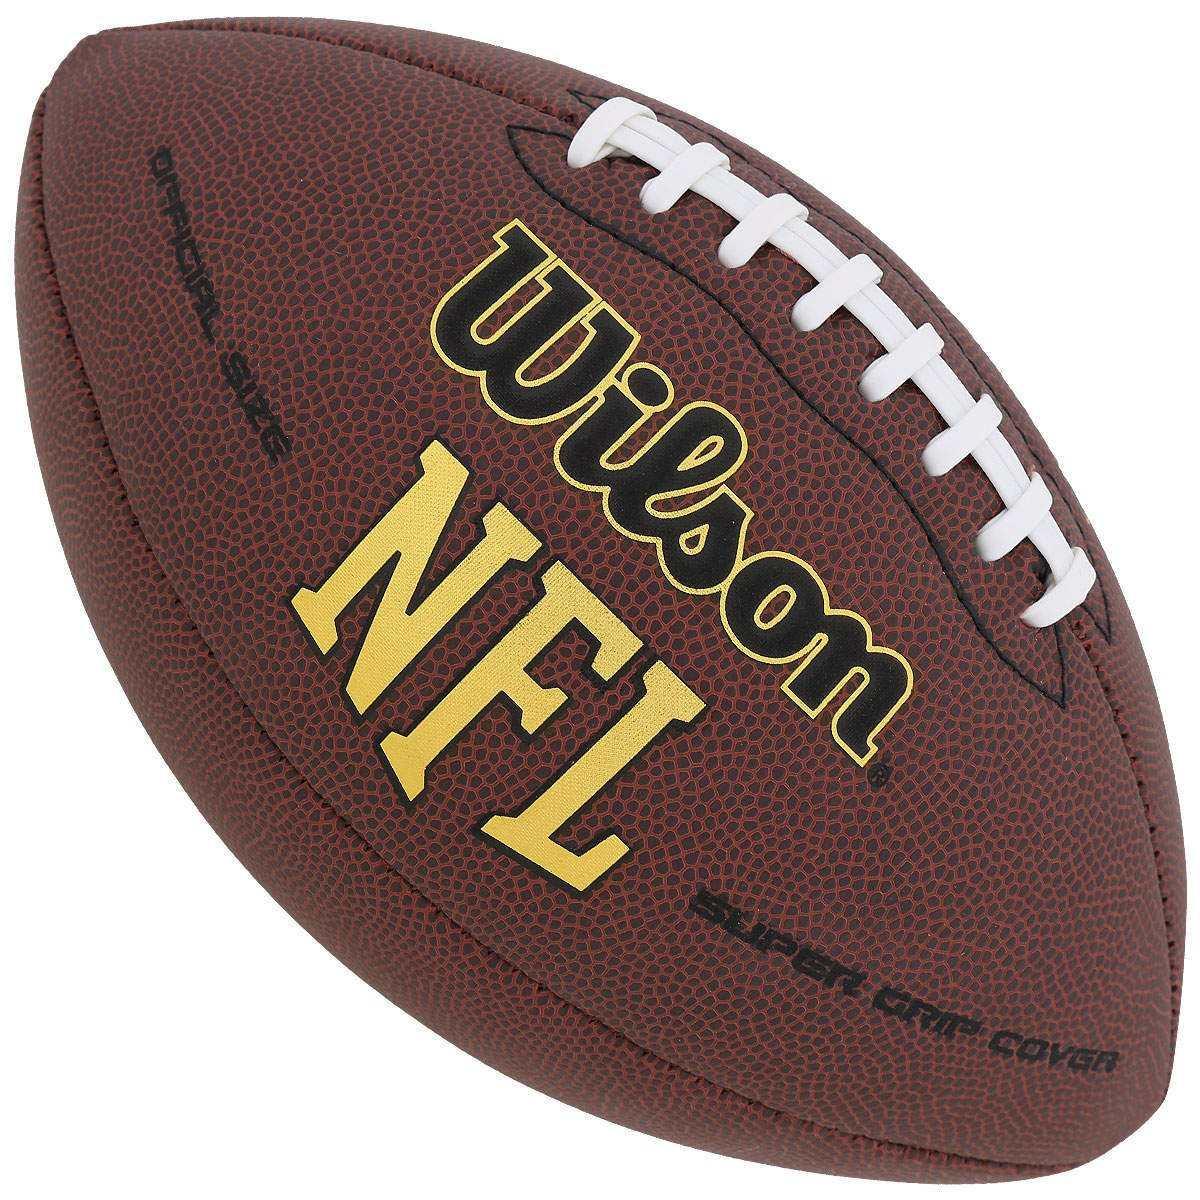 38f5529a1 bola de futebol americano wilson nfl super grip original. Carregando zoom.